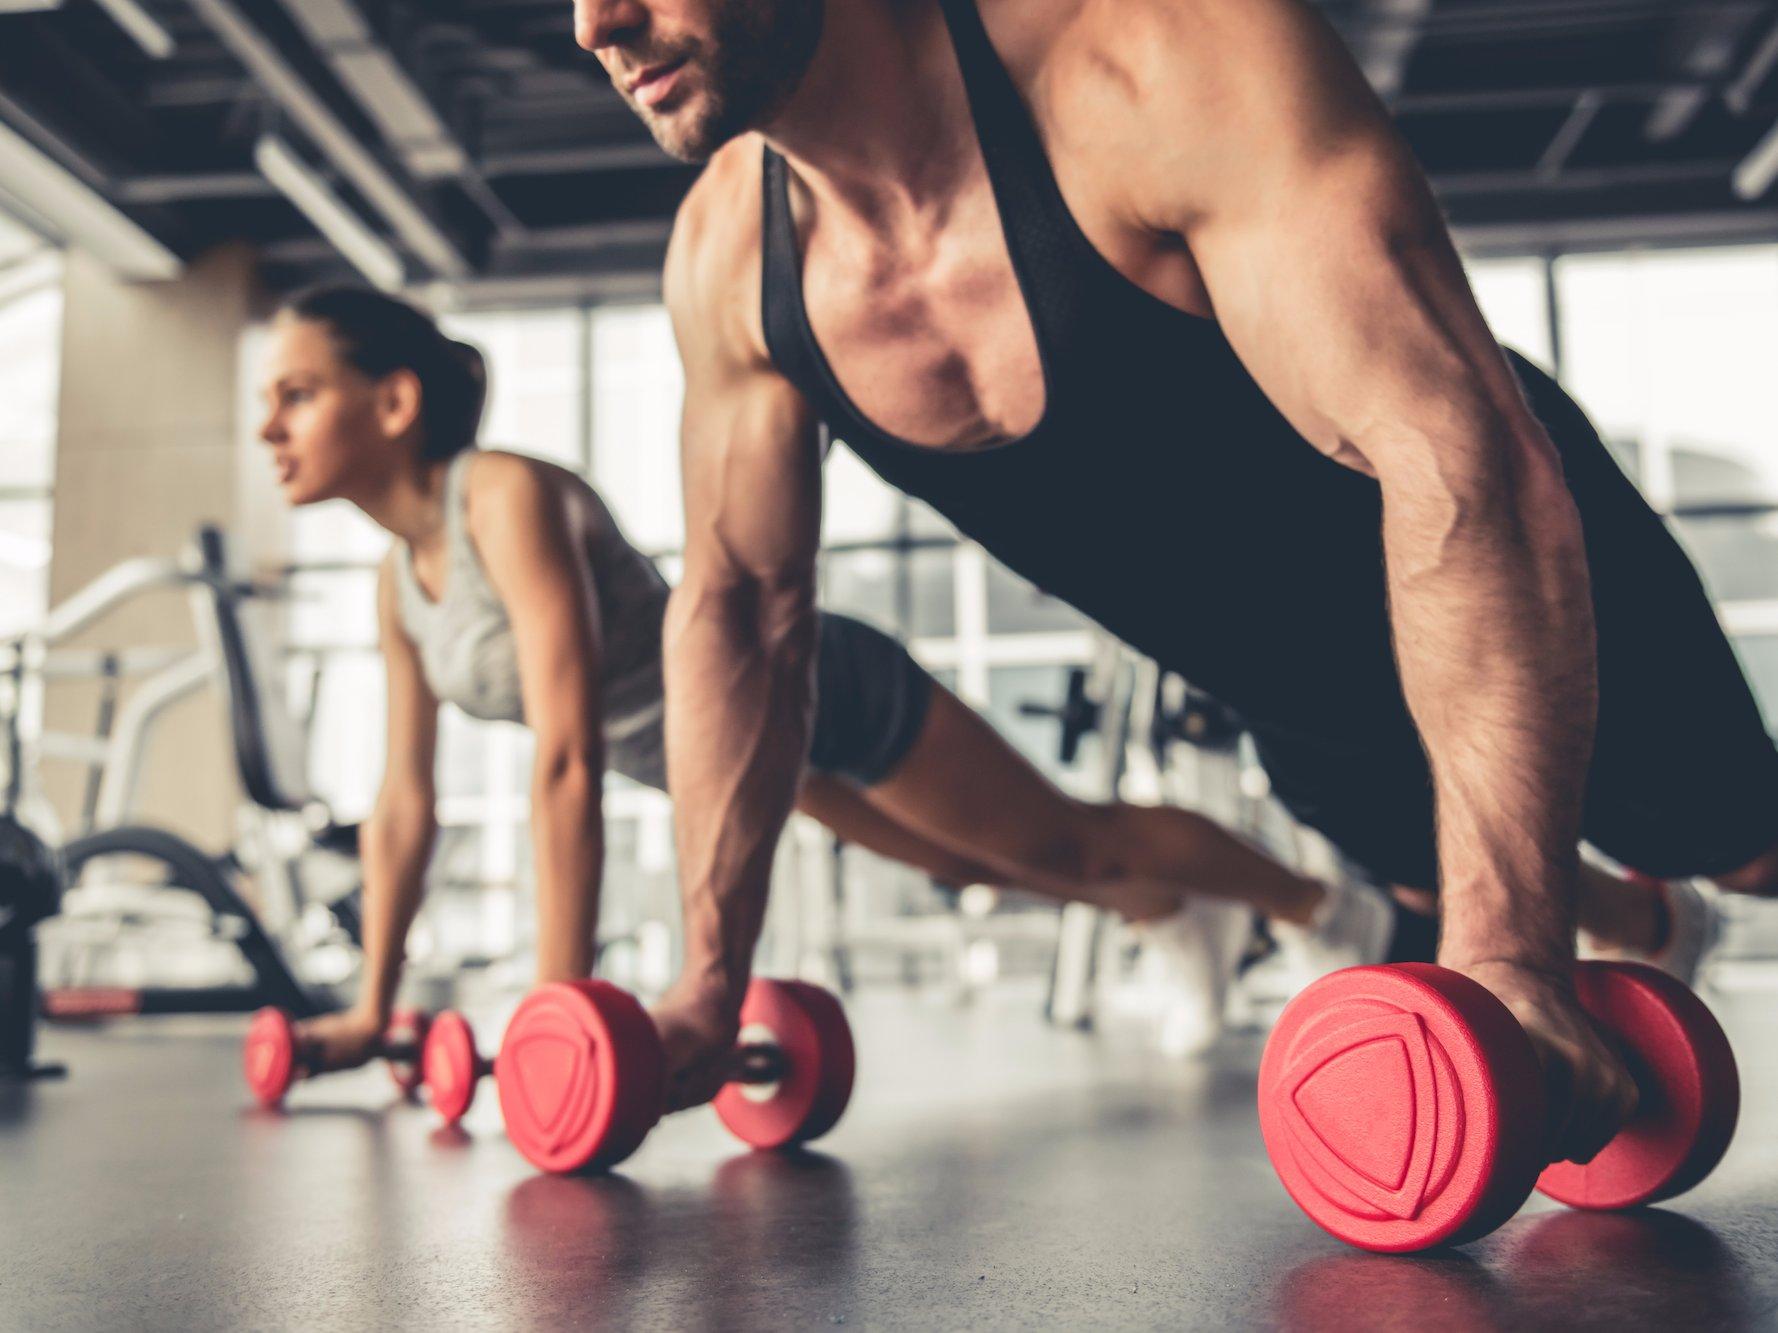 पोट कमी करण्यासाठी आपण नेहमी काहीना काही प्रयत्न करत असतो. व्यायाम करतो, जेवण कमी करतो. आता हीच चरबी कमी करण्याकरता एक सोपा उपाय आहे. दररोज सकाळचा नाश्ता काळजीपूर्वक करा आणि फिट राहा.